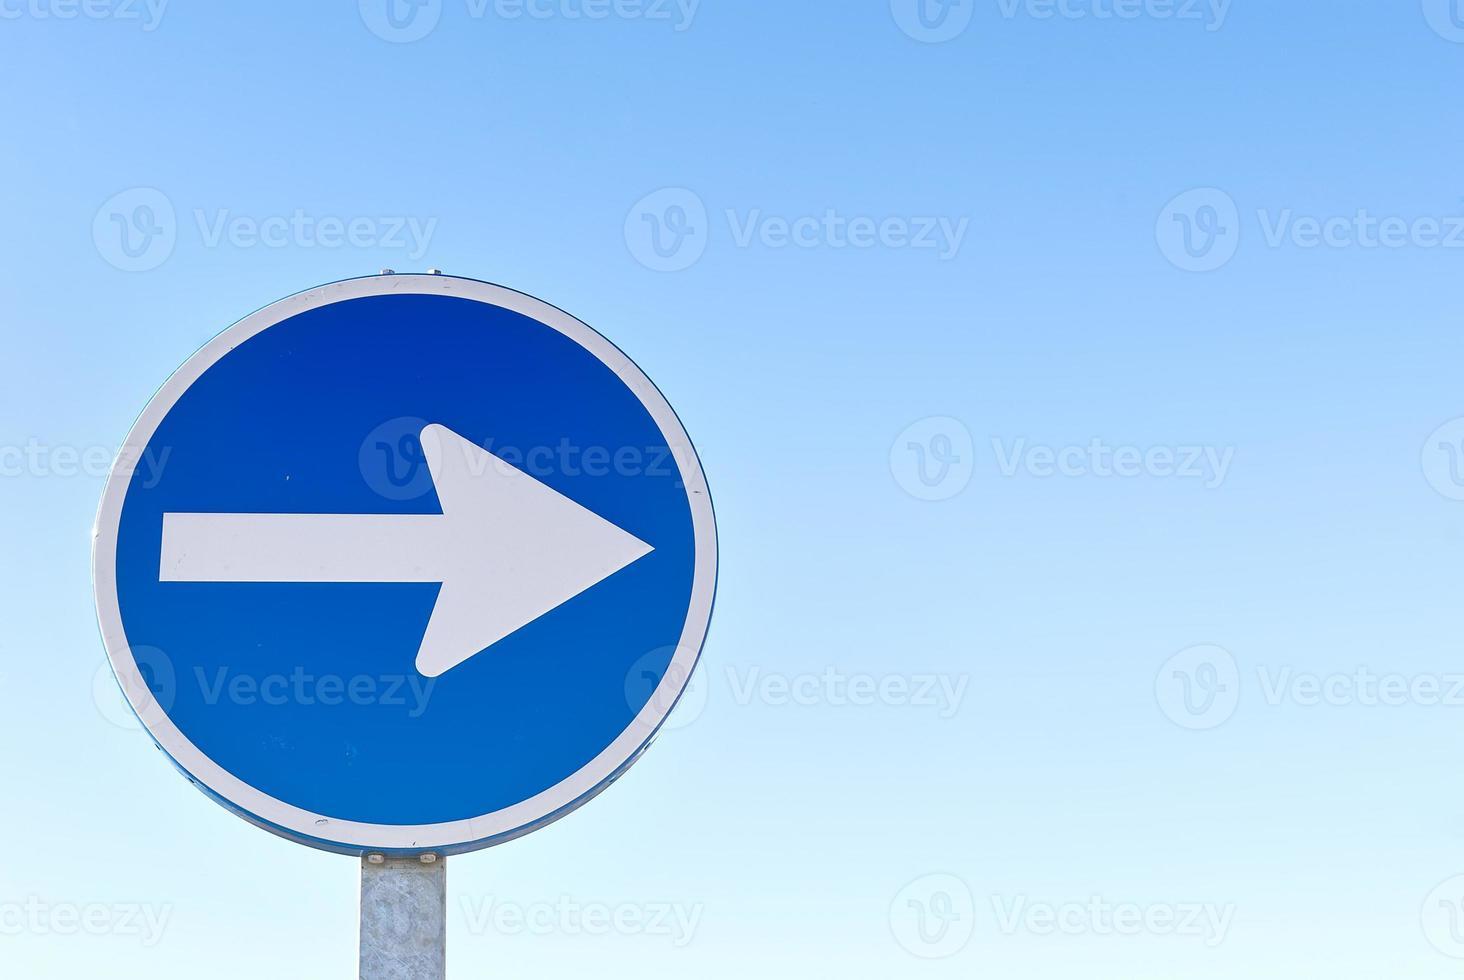 höger sväng trafikskylt med kopieringsutrymme foto